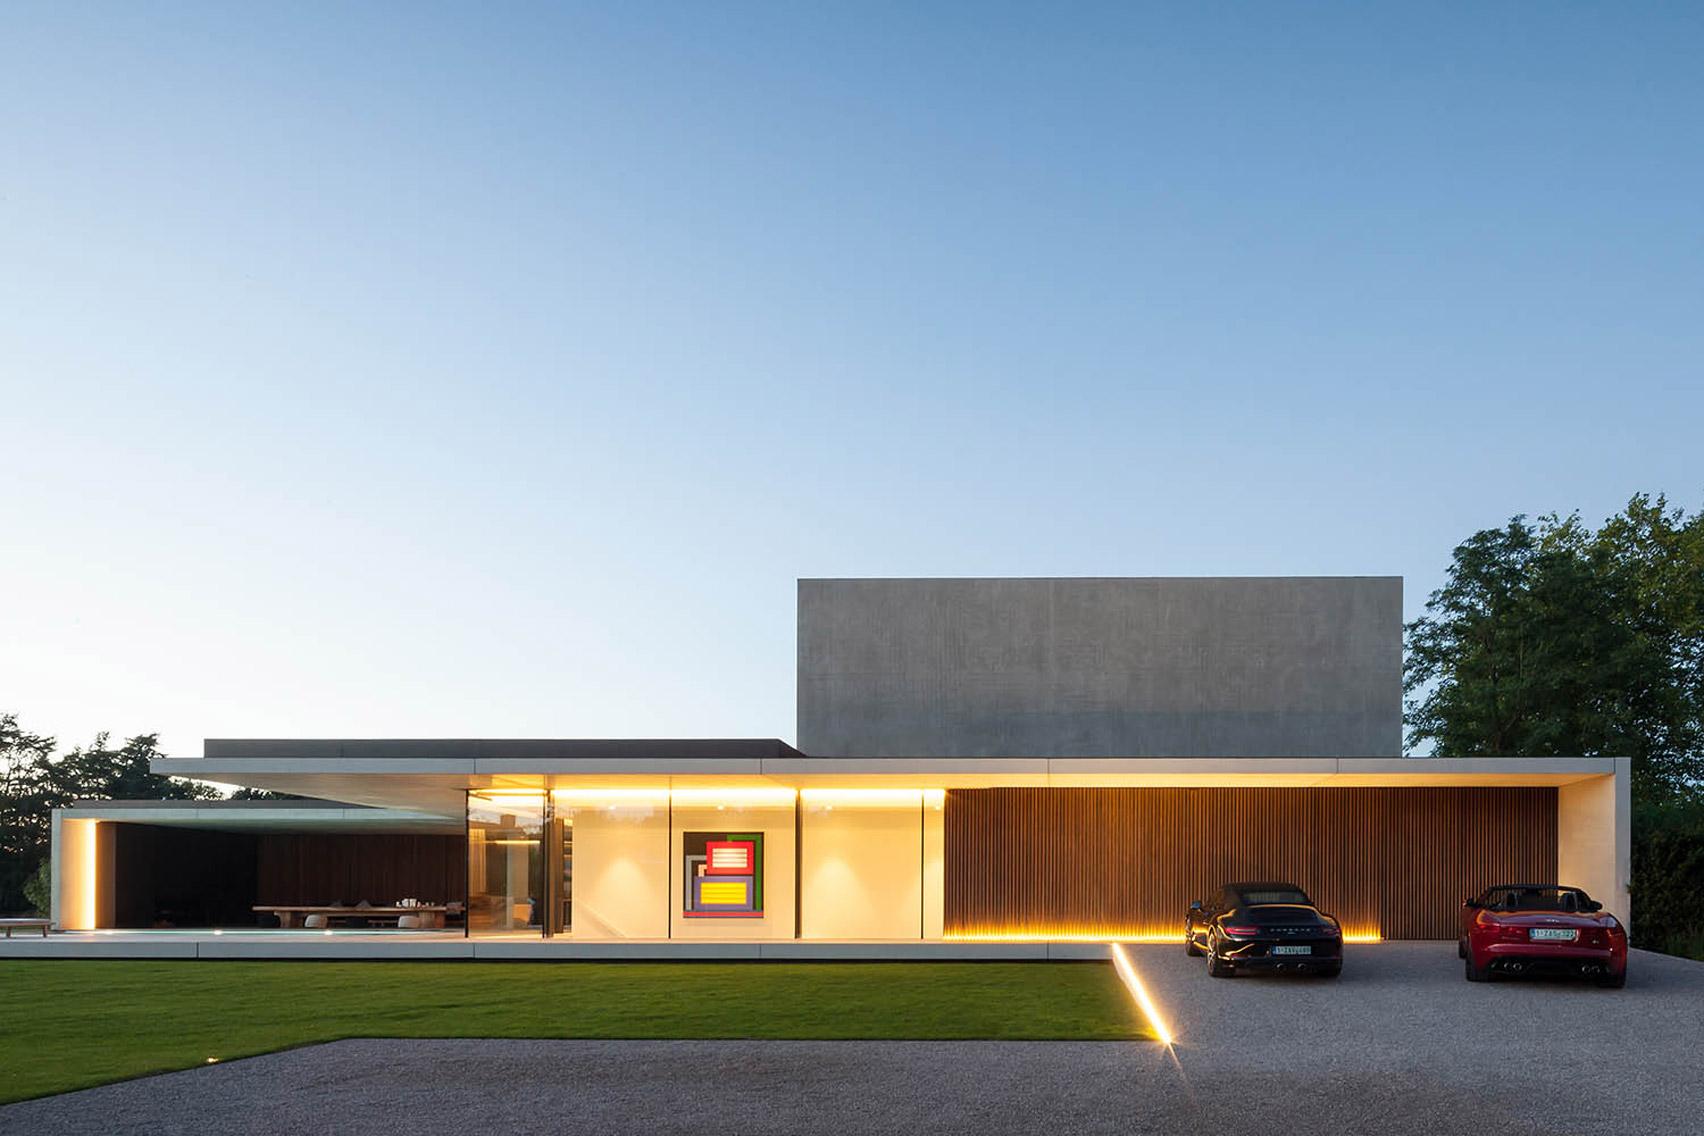 L'immobile è stato realizzato da Govaert & Vanhoutte Architects / Govaert & Vanhoutte Architects